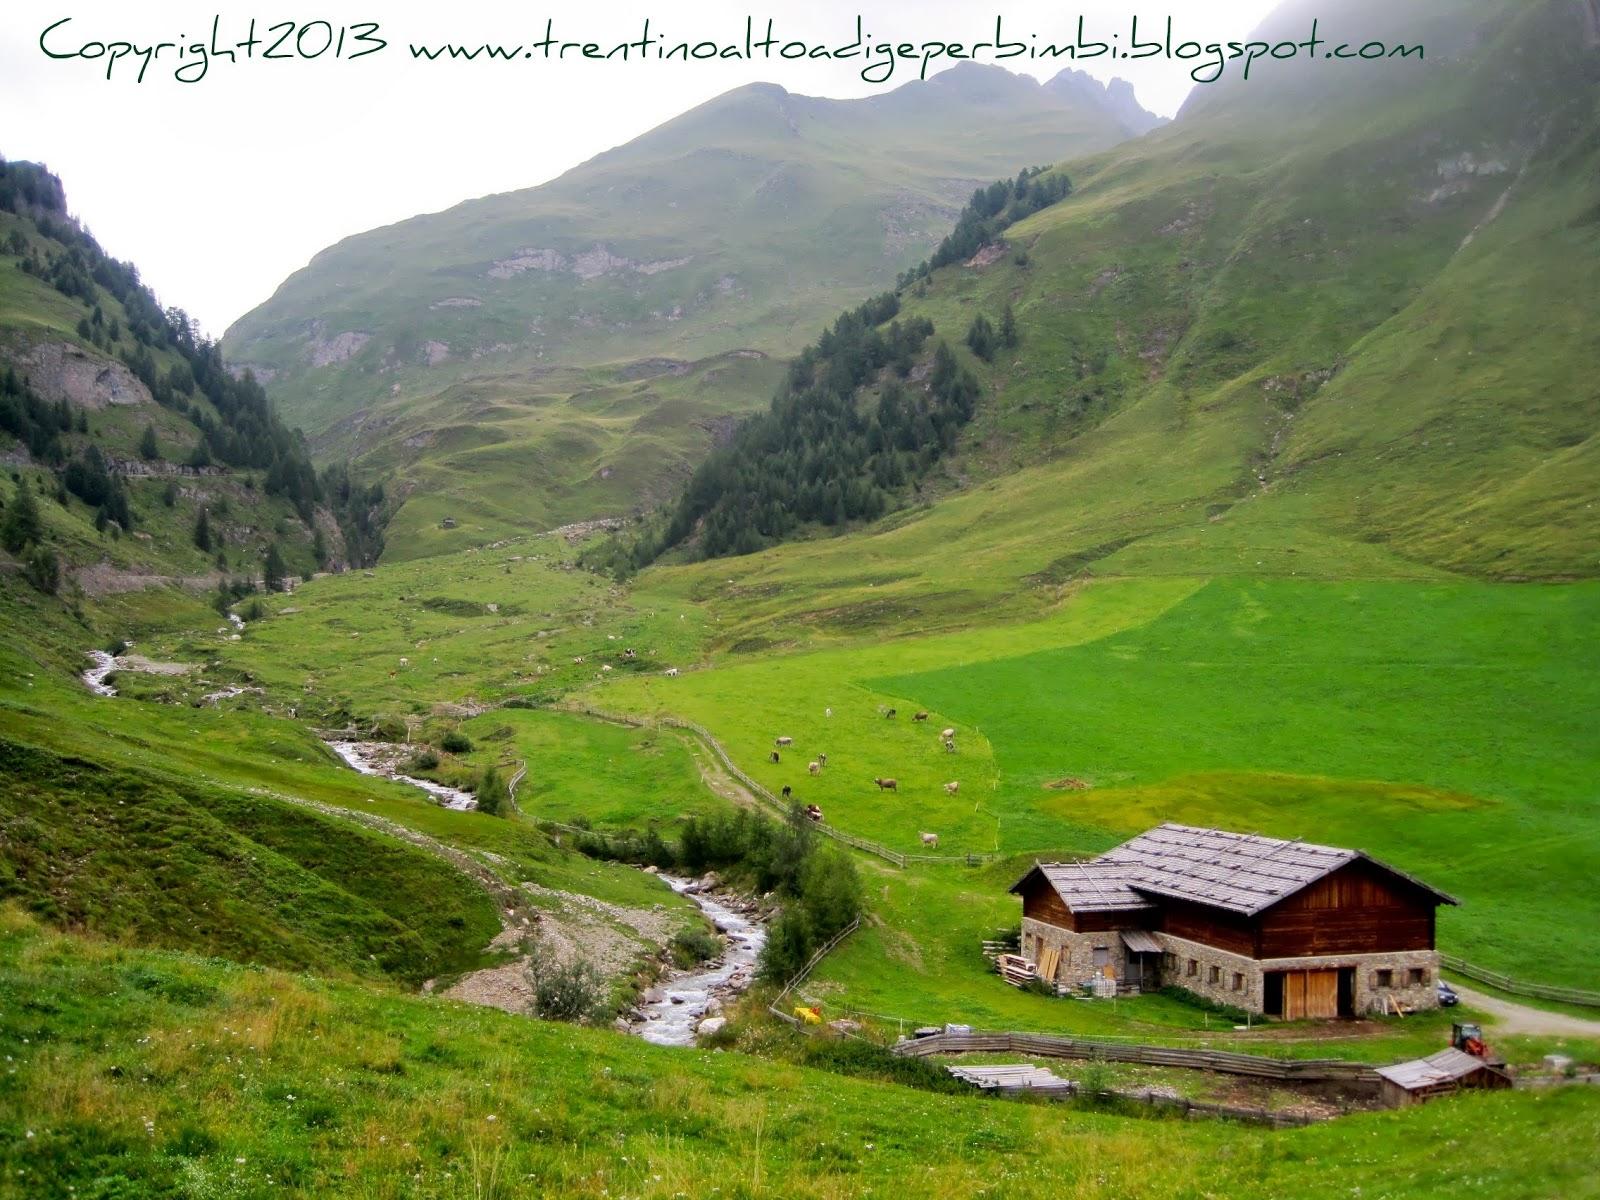 Trentino alto adige per bimbi malga fane gatterhuette e for Mobilificio trentino alto adige